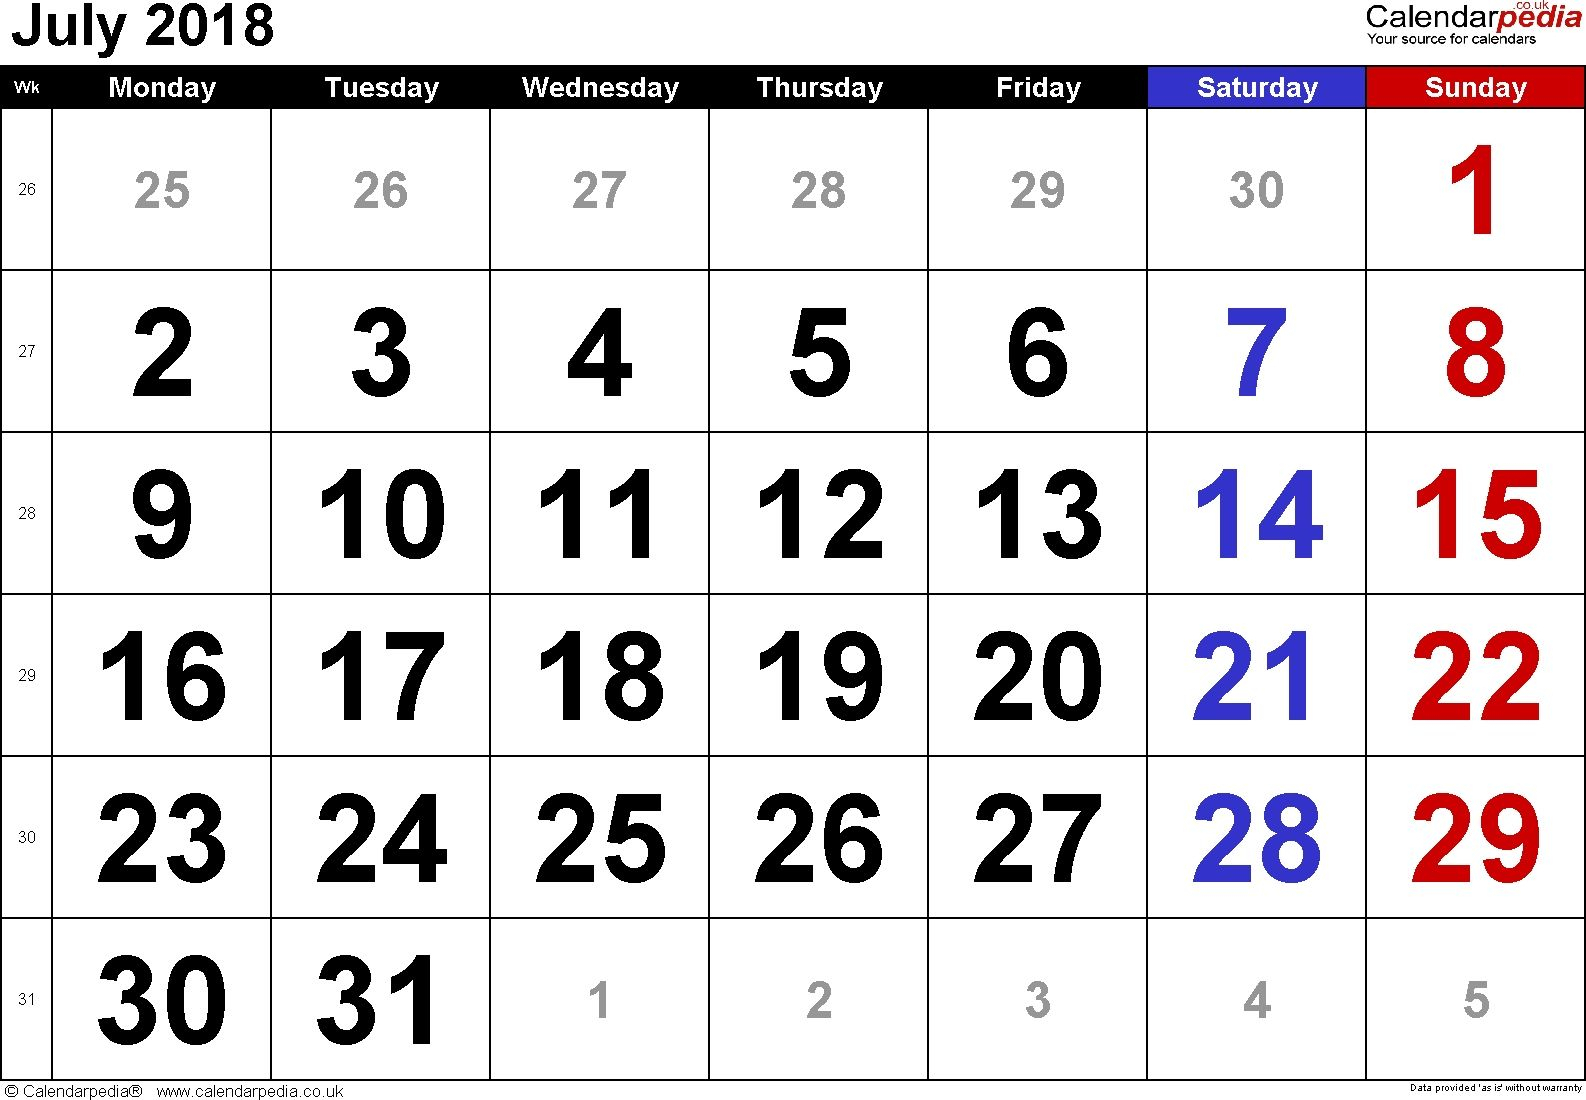 Free Printable Calendar Large Numbers In 2020 | Printable inside Large Number Calendar